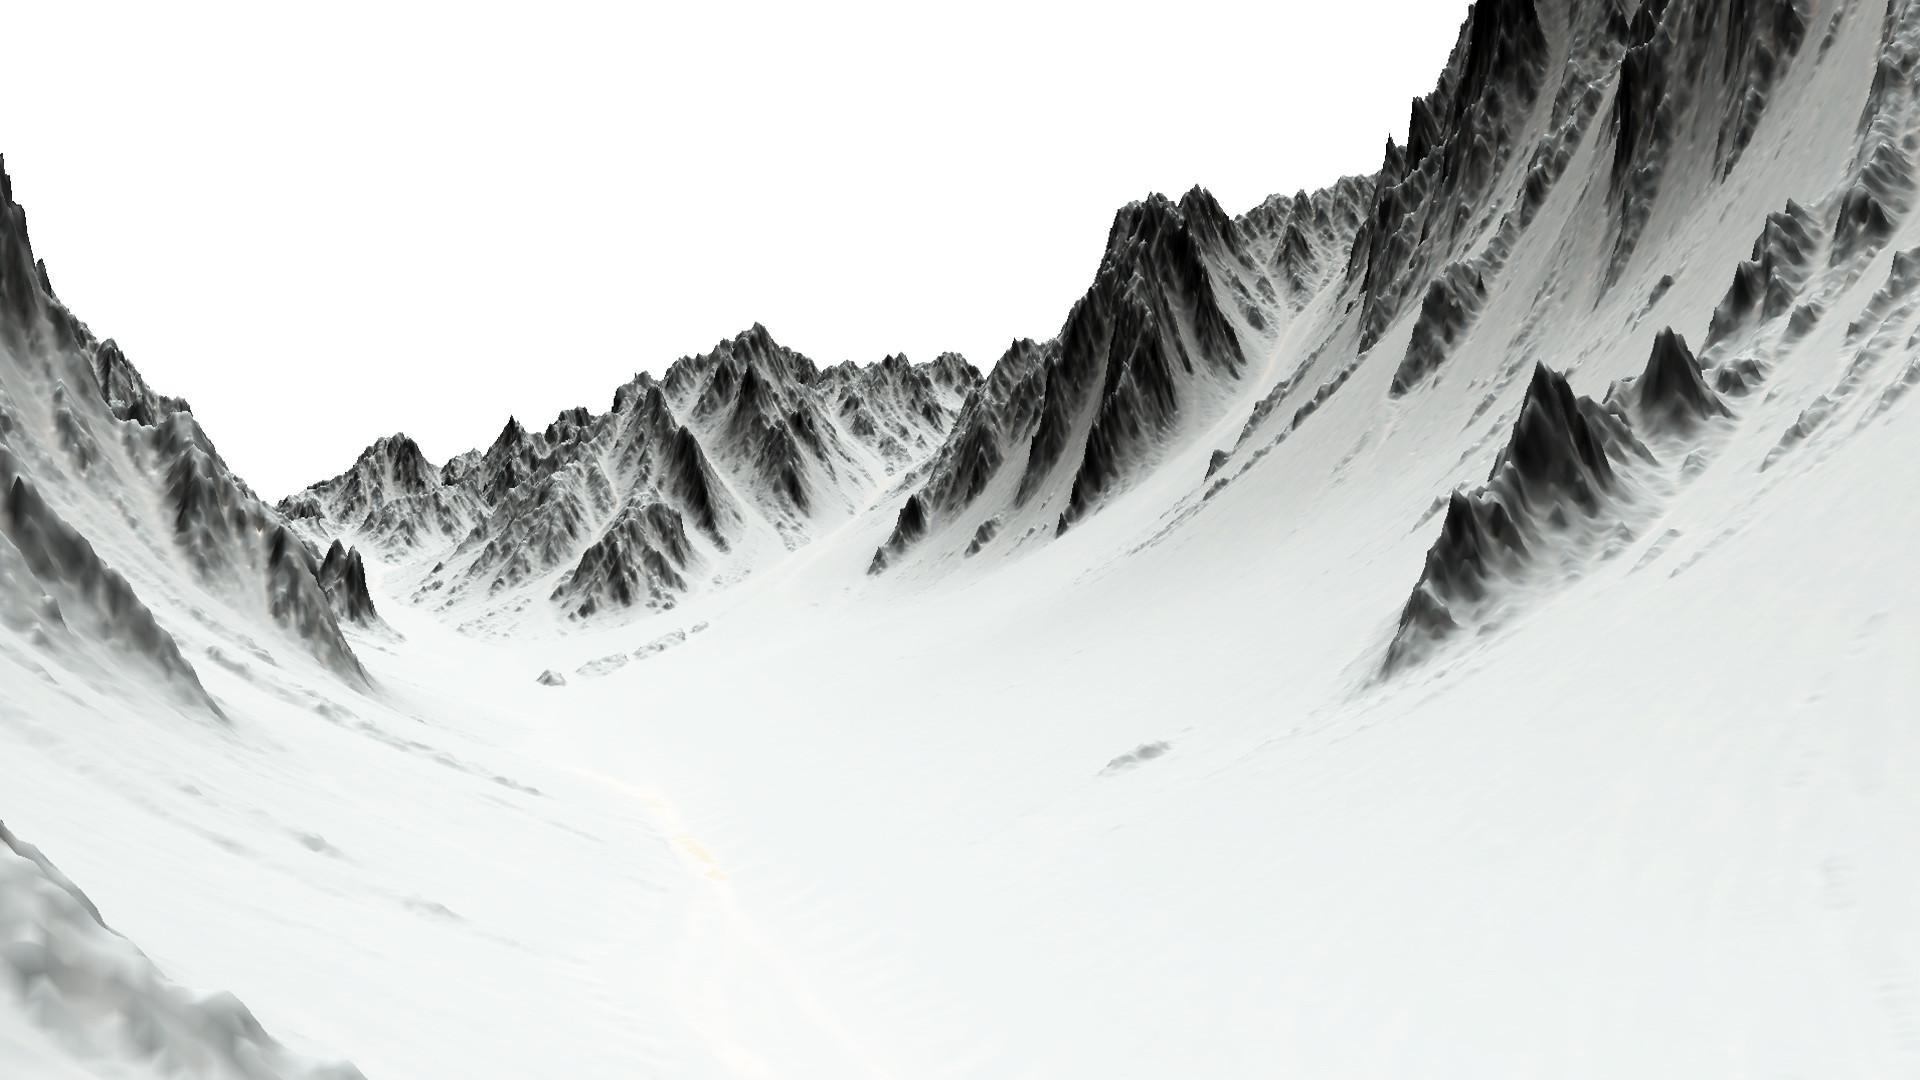 Junliang zhang snow mountain 01